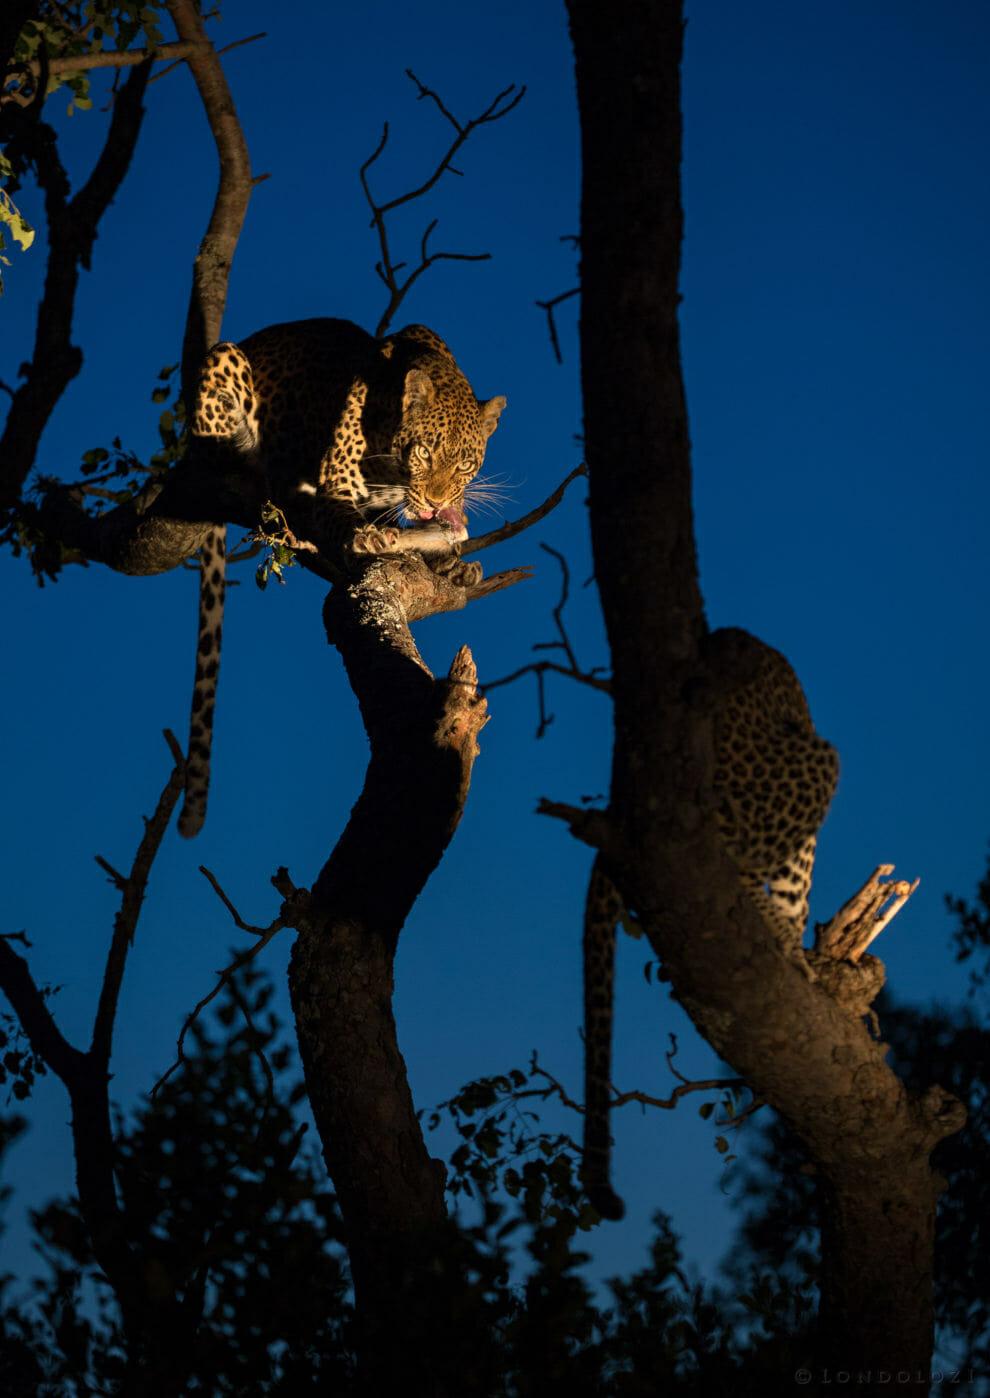 Tamboti Cub Blue Leopard